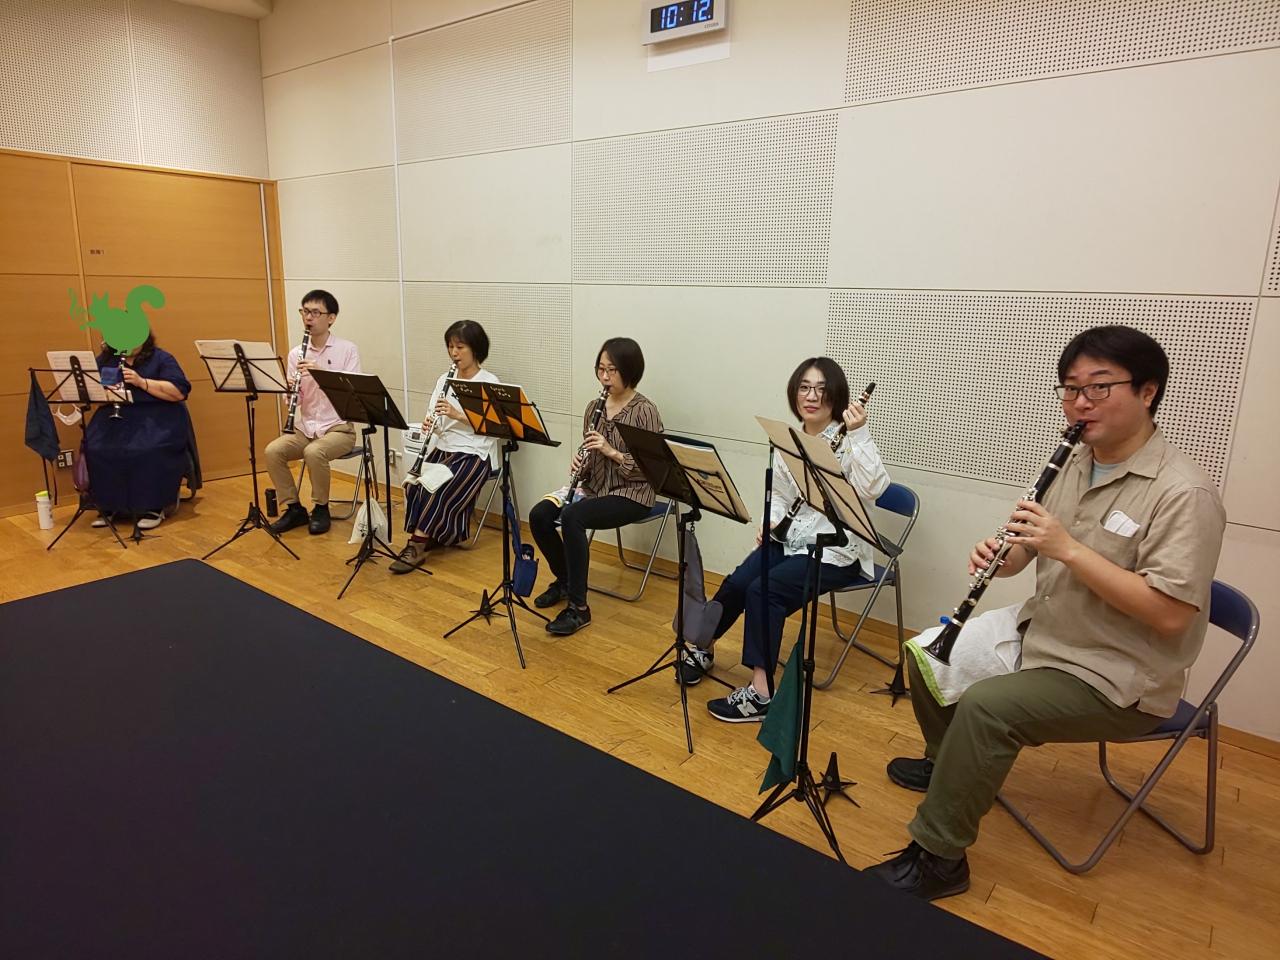 各自練習する中級者アンサンブルメンバー